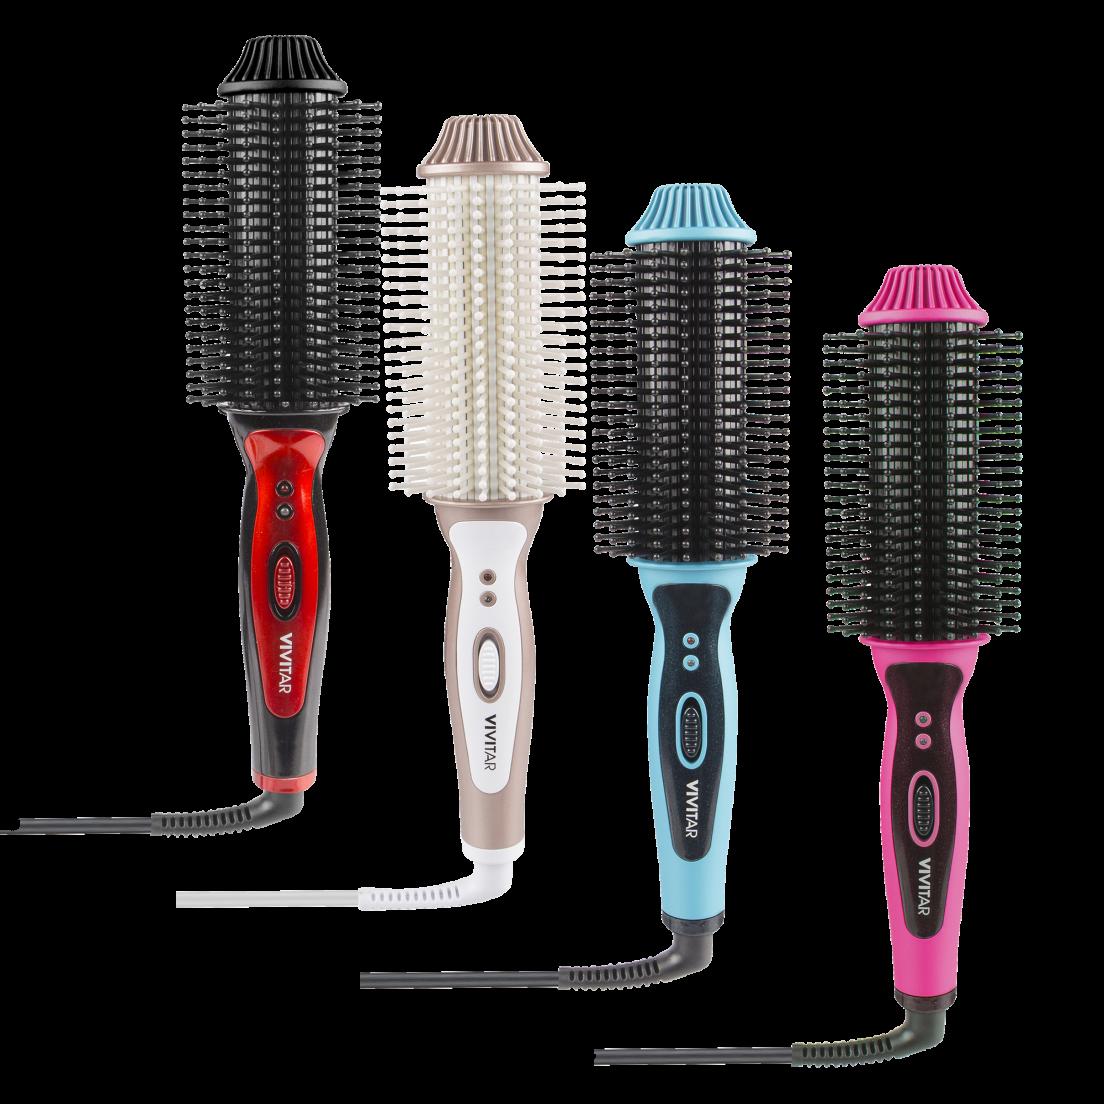 Vivitar Heated Volumizing Hair Brush